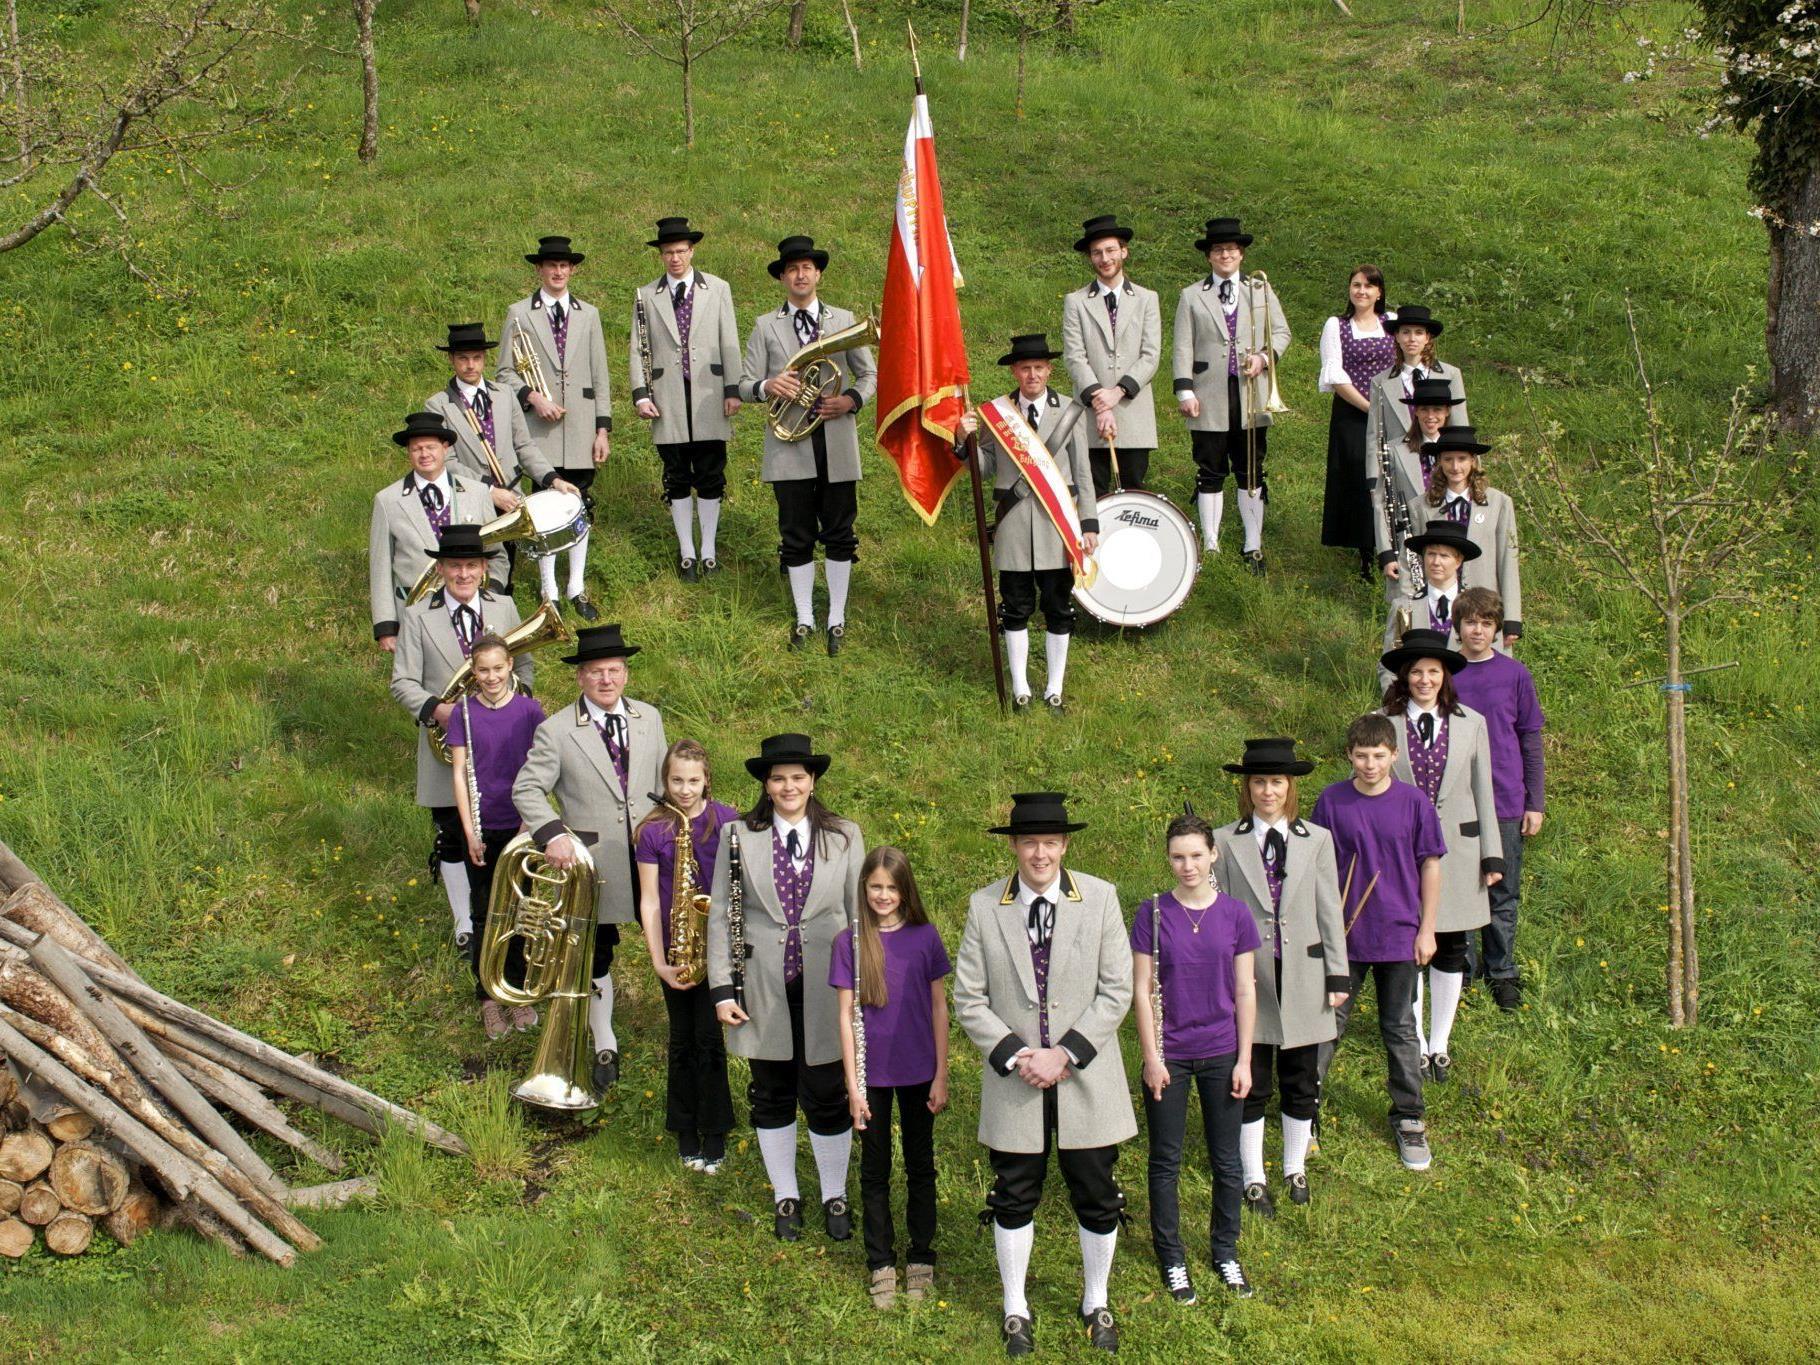 Der Musikverein mit Herz